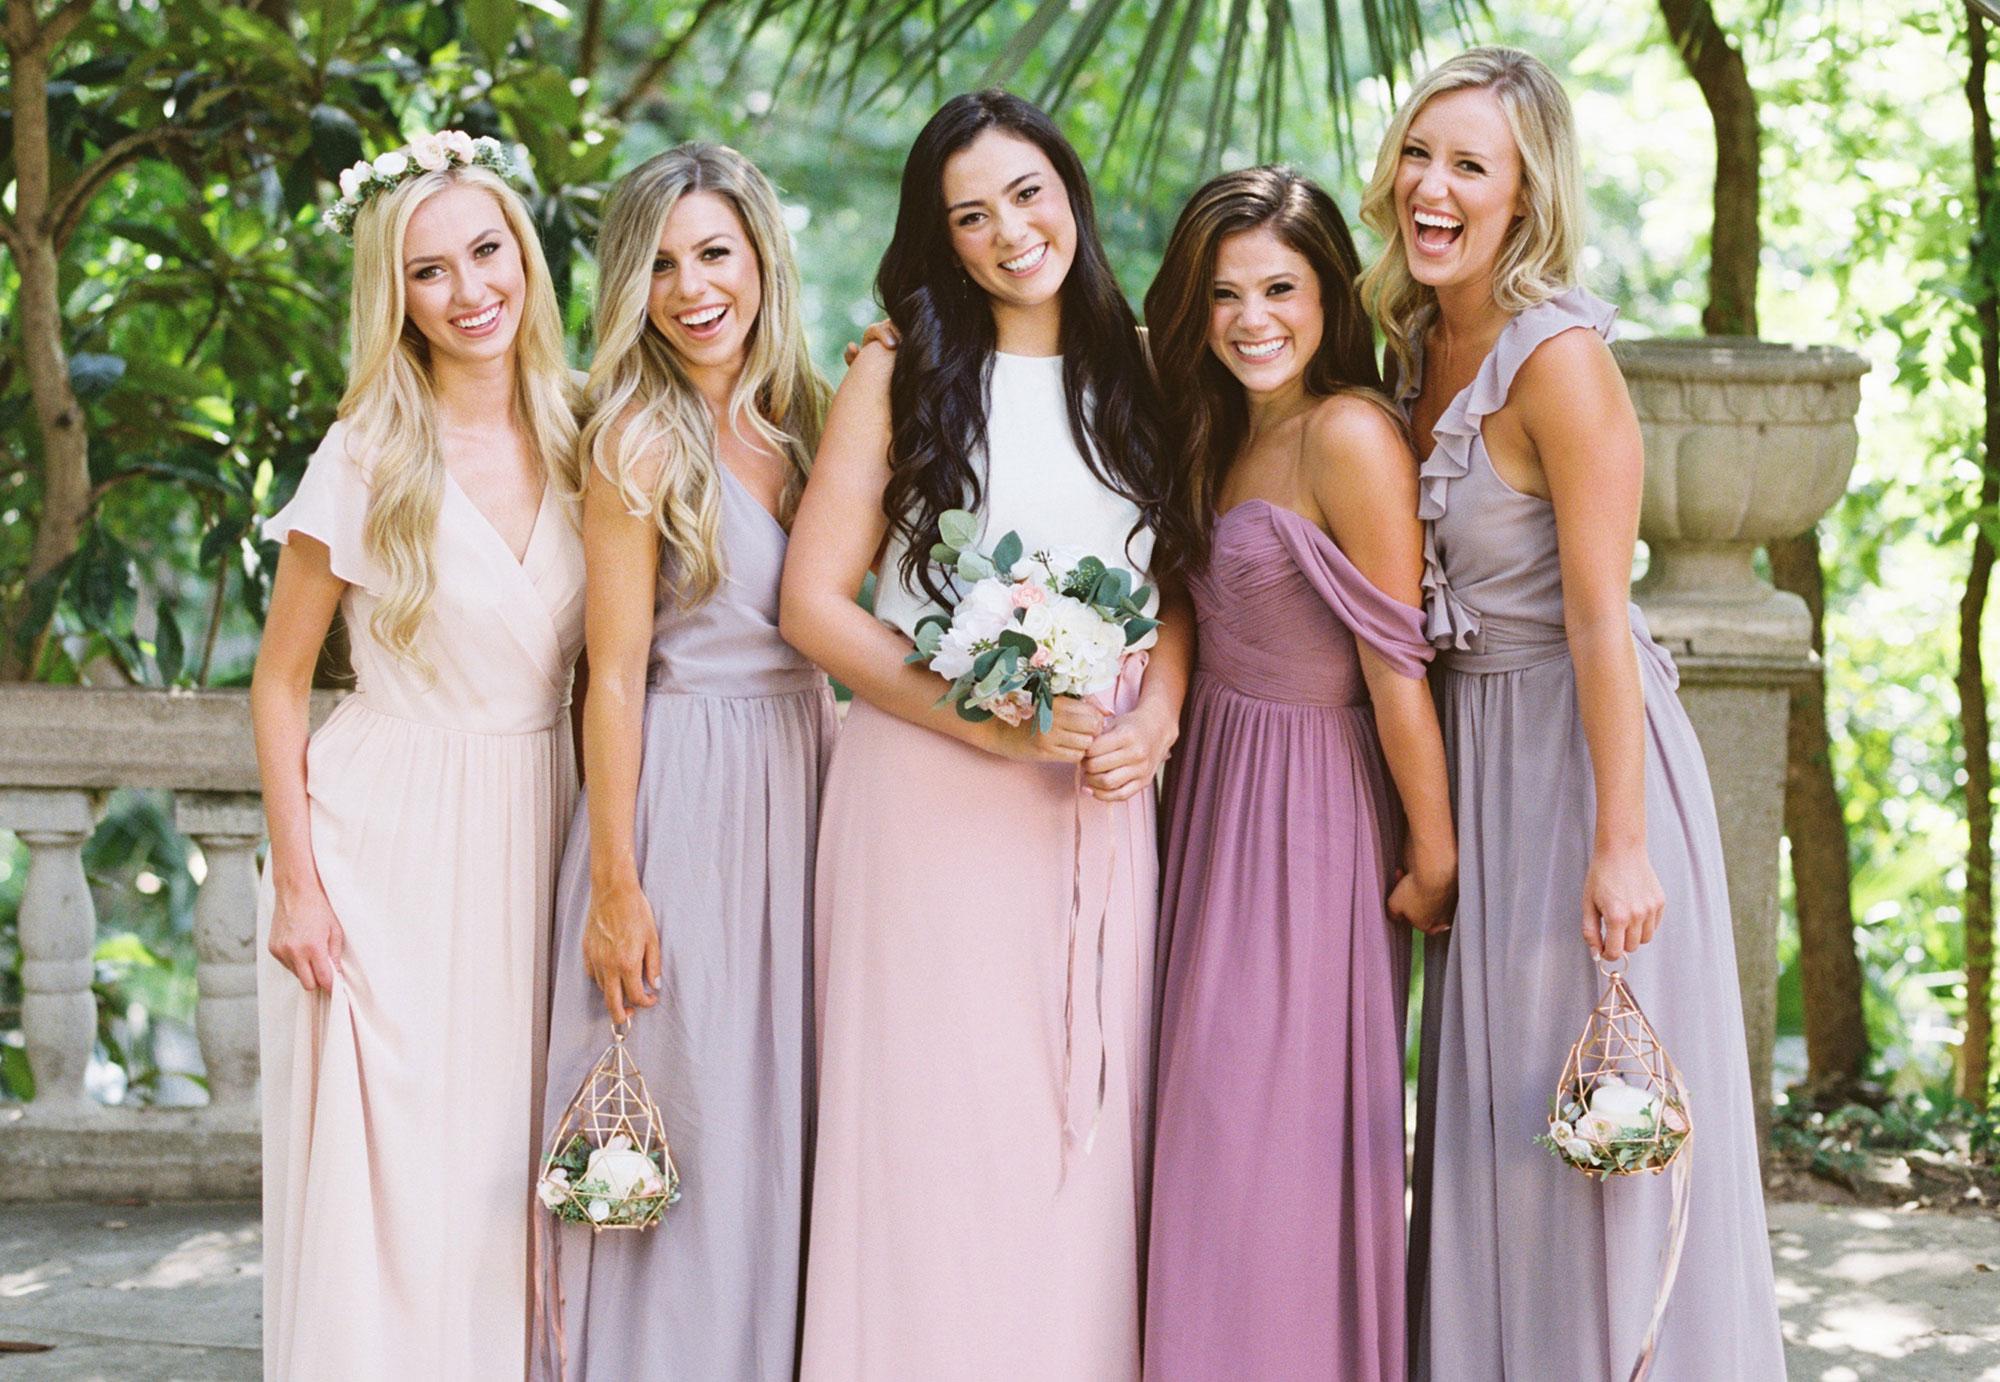 BRIDESMAID CLOTHING